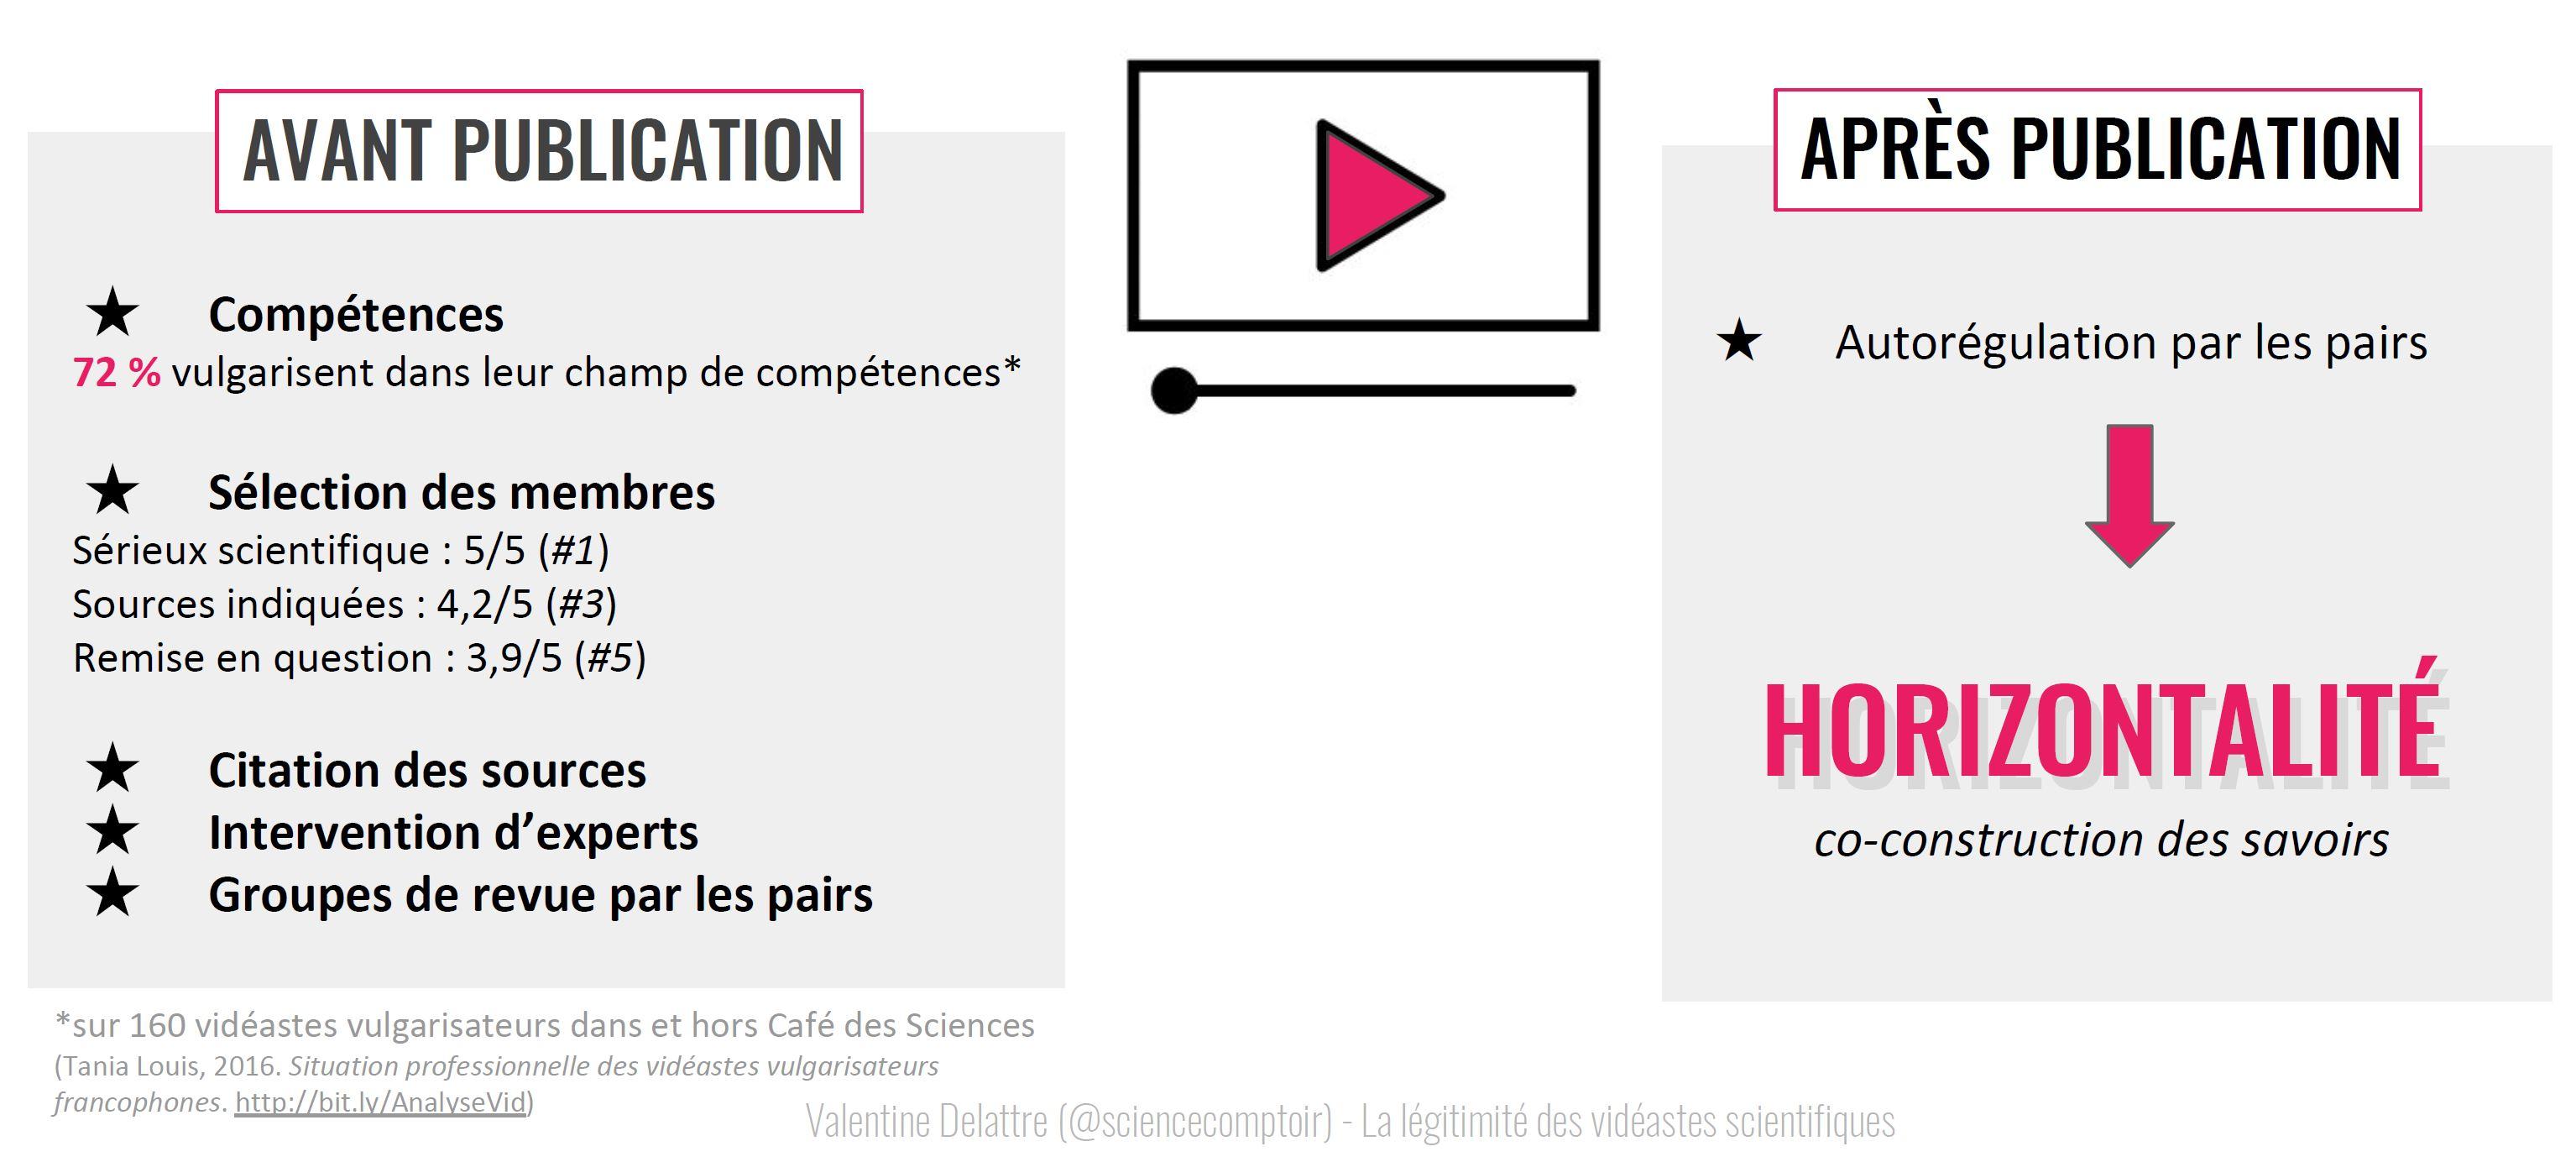 La légitimité des vidéastes scientifiques dépend de leur processus de création d'une vidéo : un processus encadré avant et après publication.